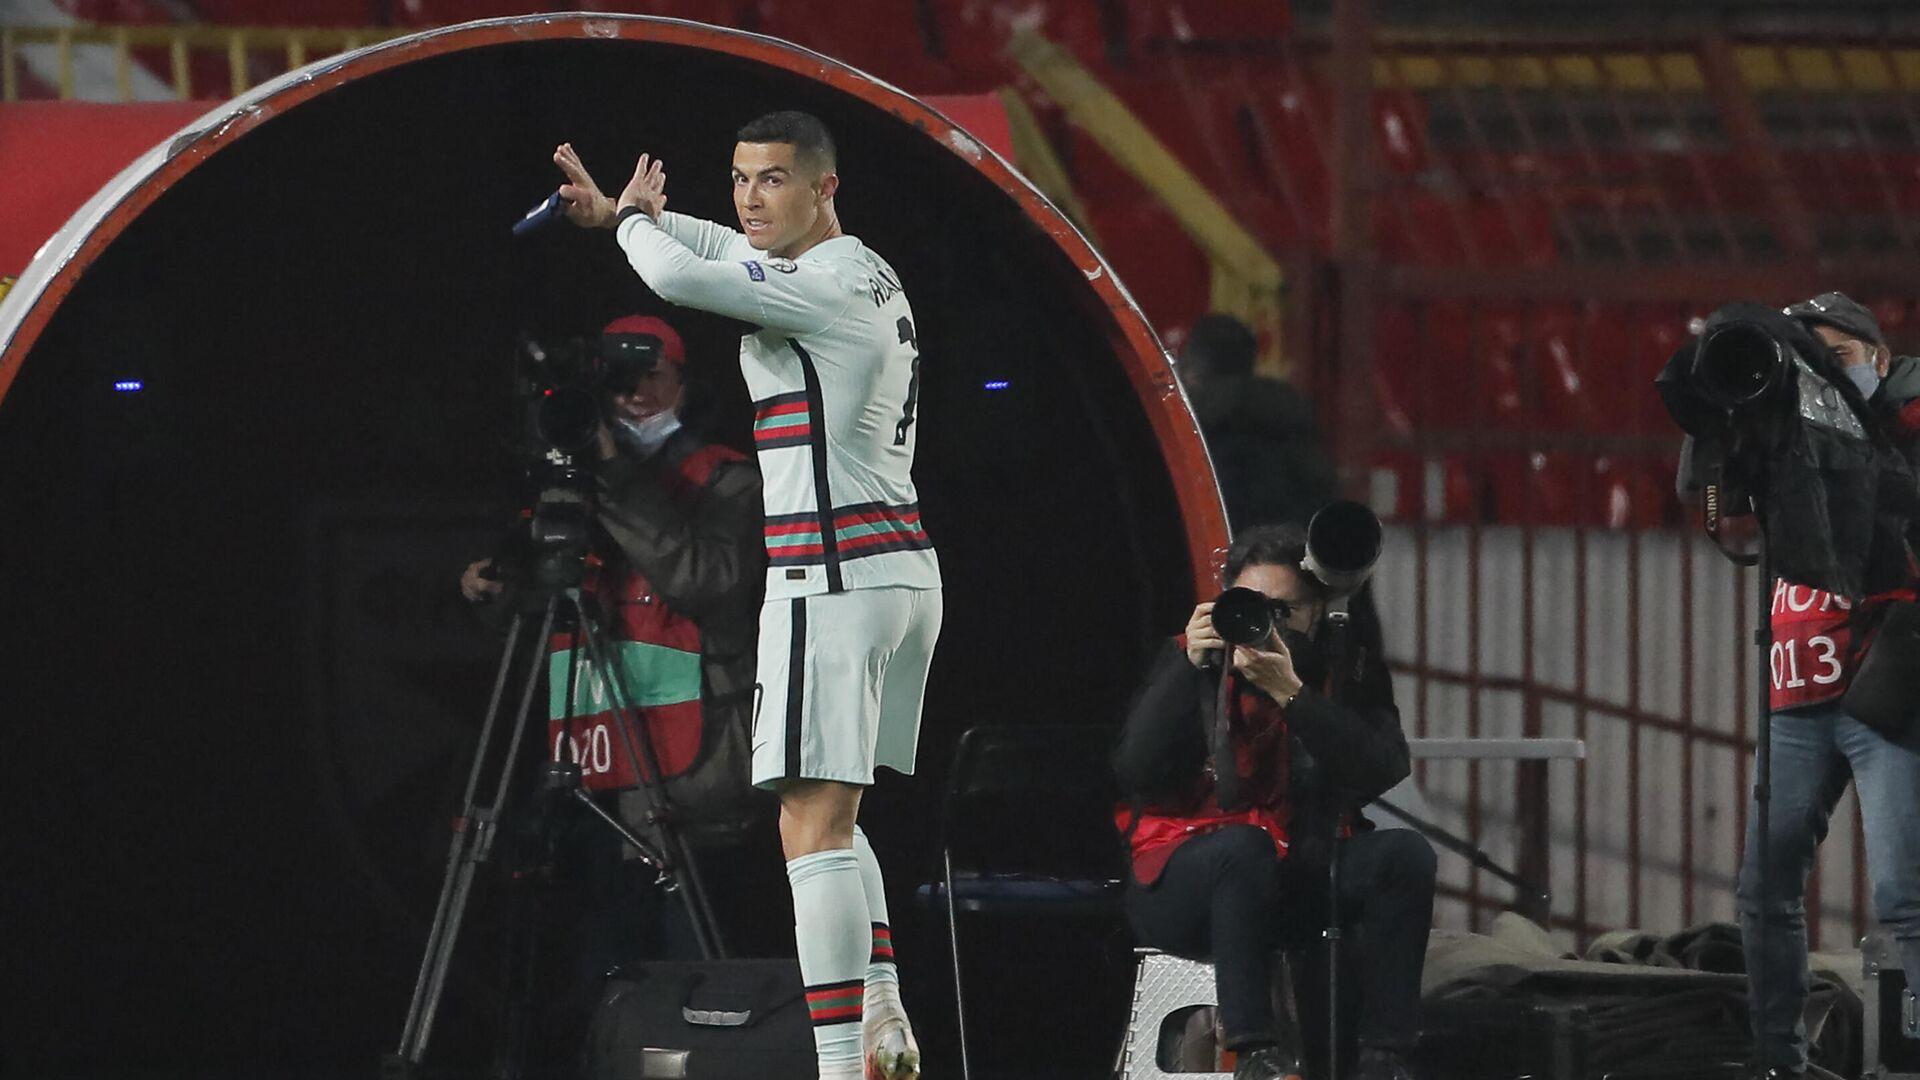 Криштиану Роналду выбрасывает капитанскую повязку в концовке матча Сербия - Португалия - РИА Новости, 1920, 02.04.2021